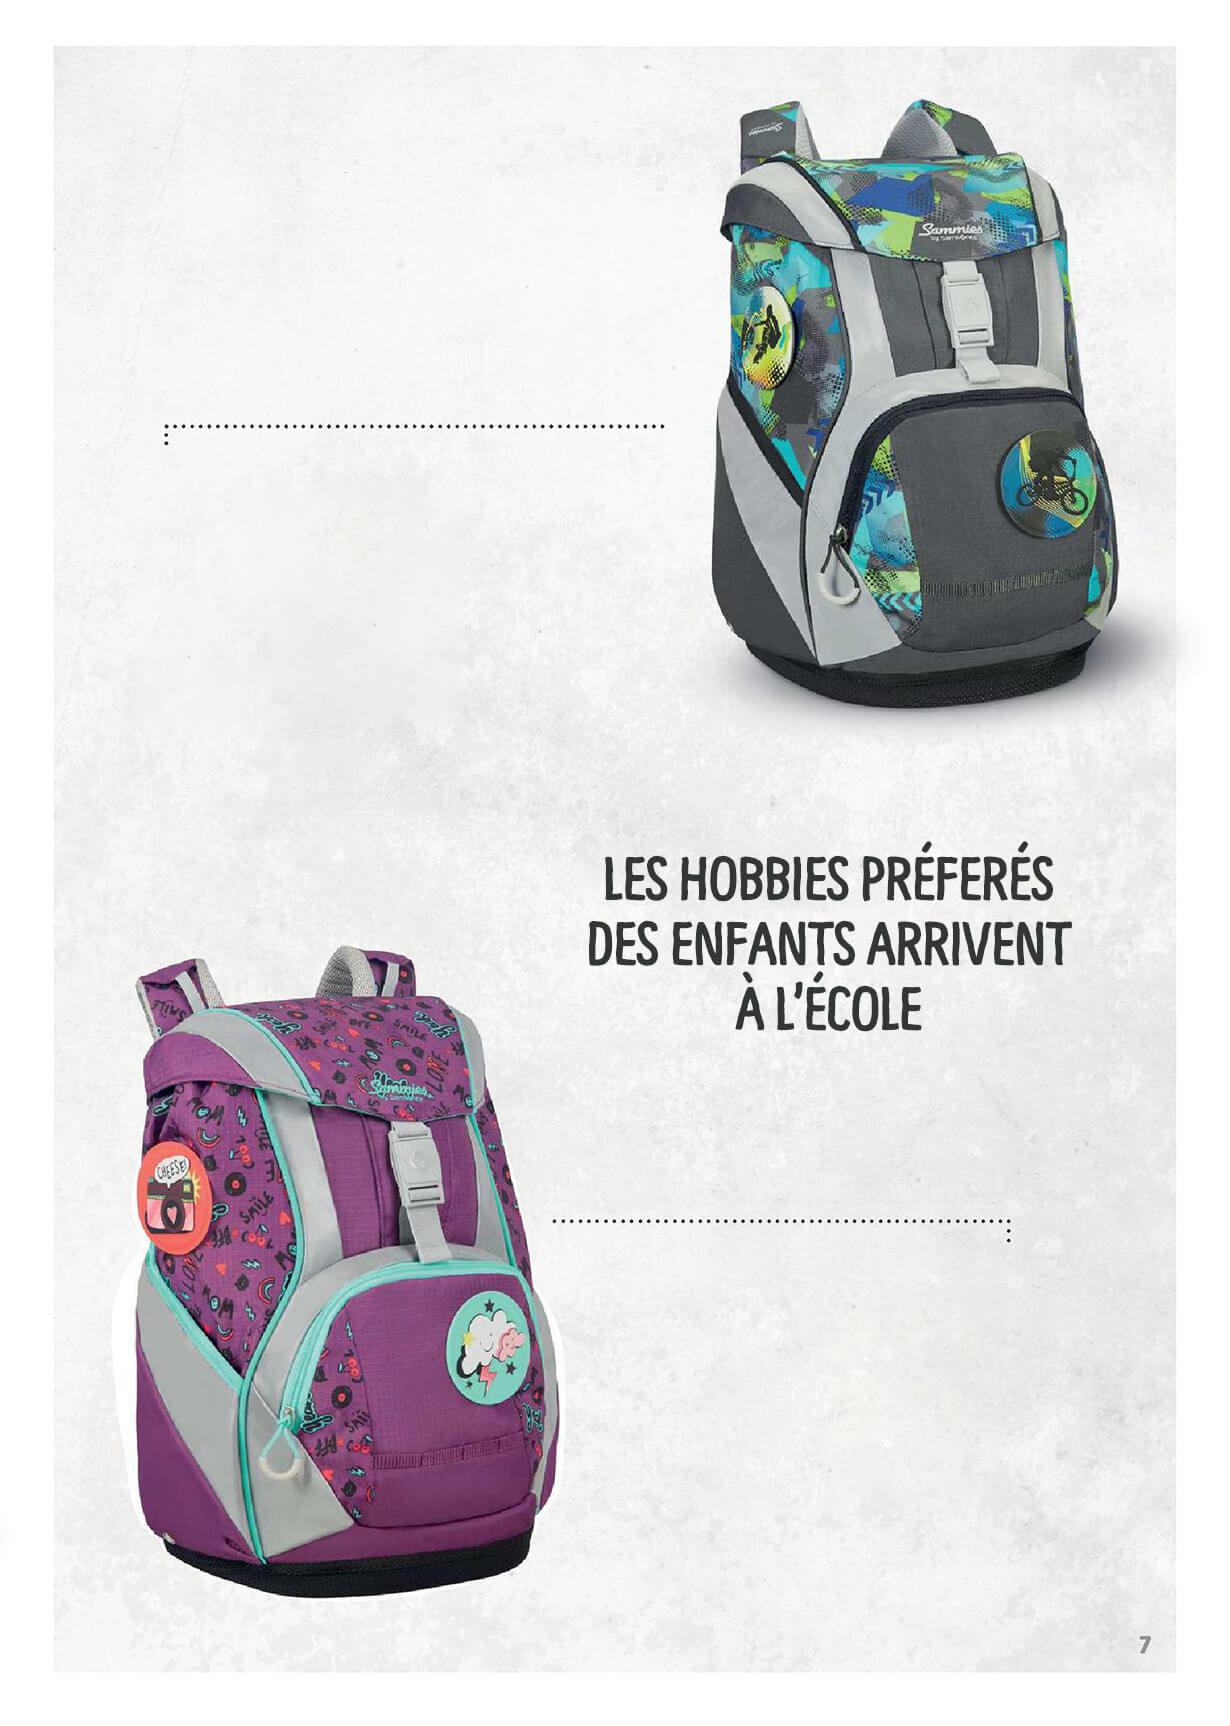 Chaque sac est unique comme chaque enfant qui le porte - Les hobbies préferés des enfants arrivent à l'école